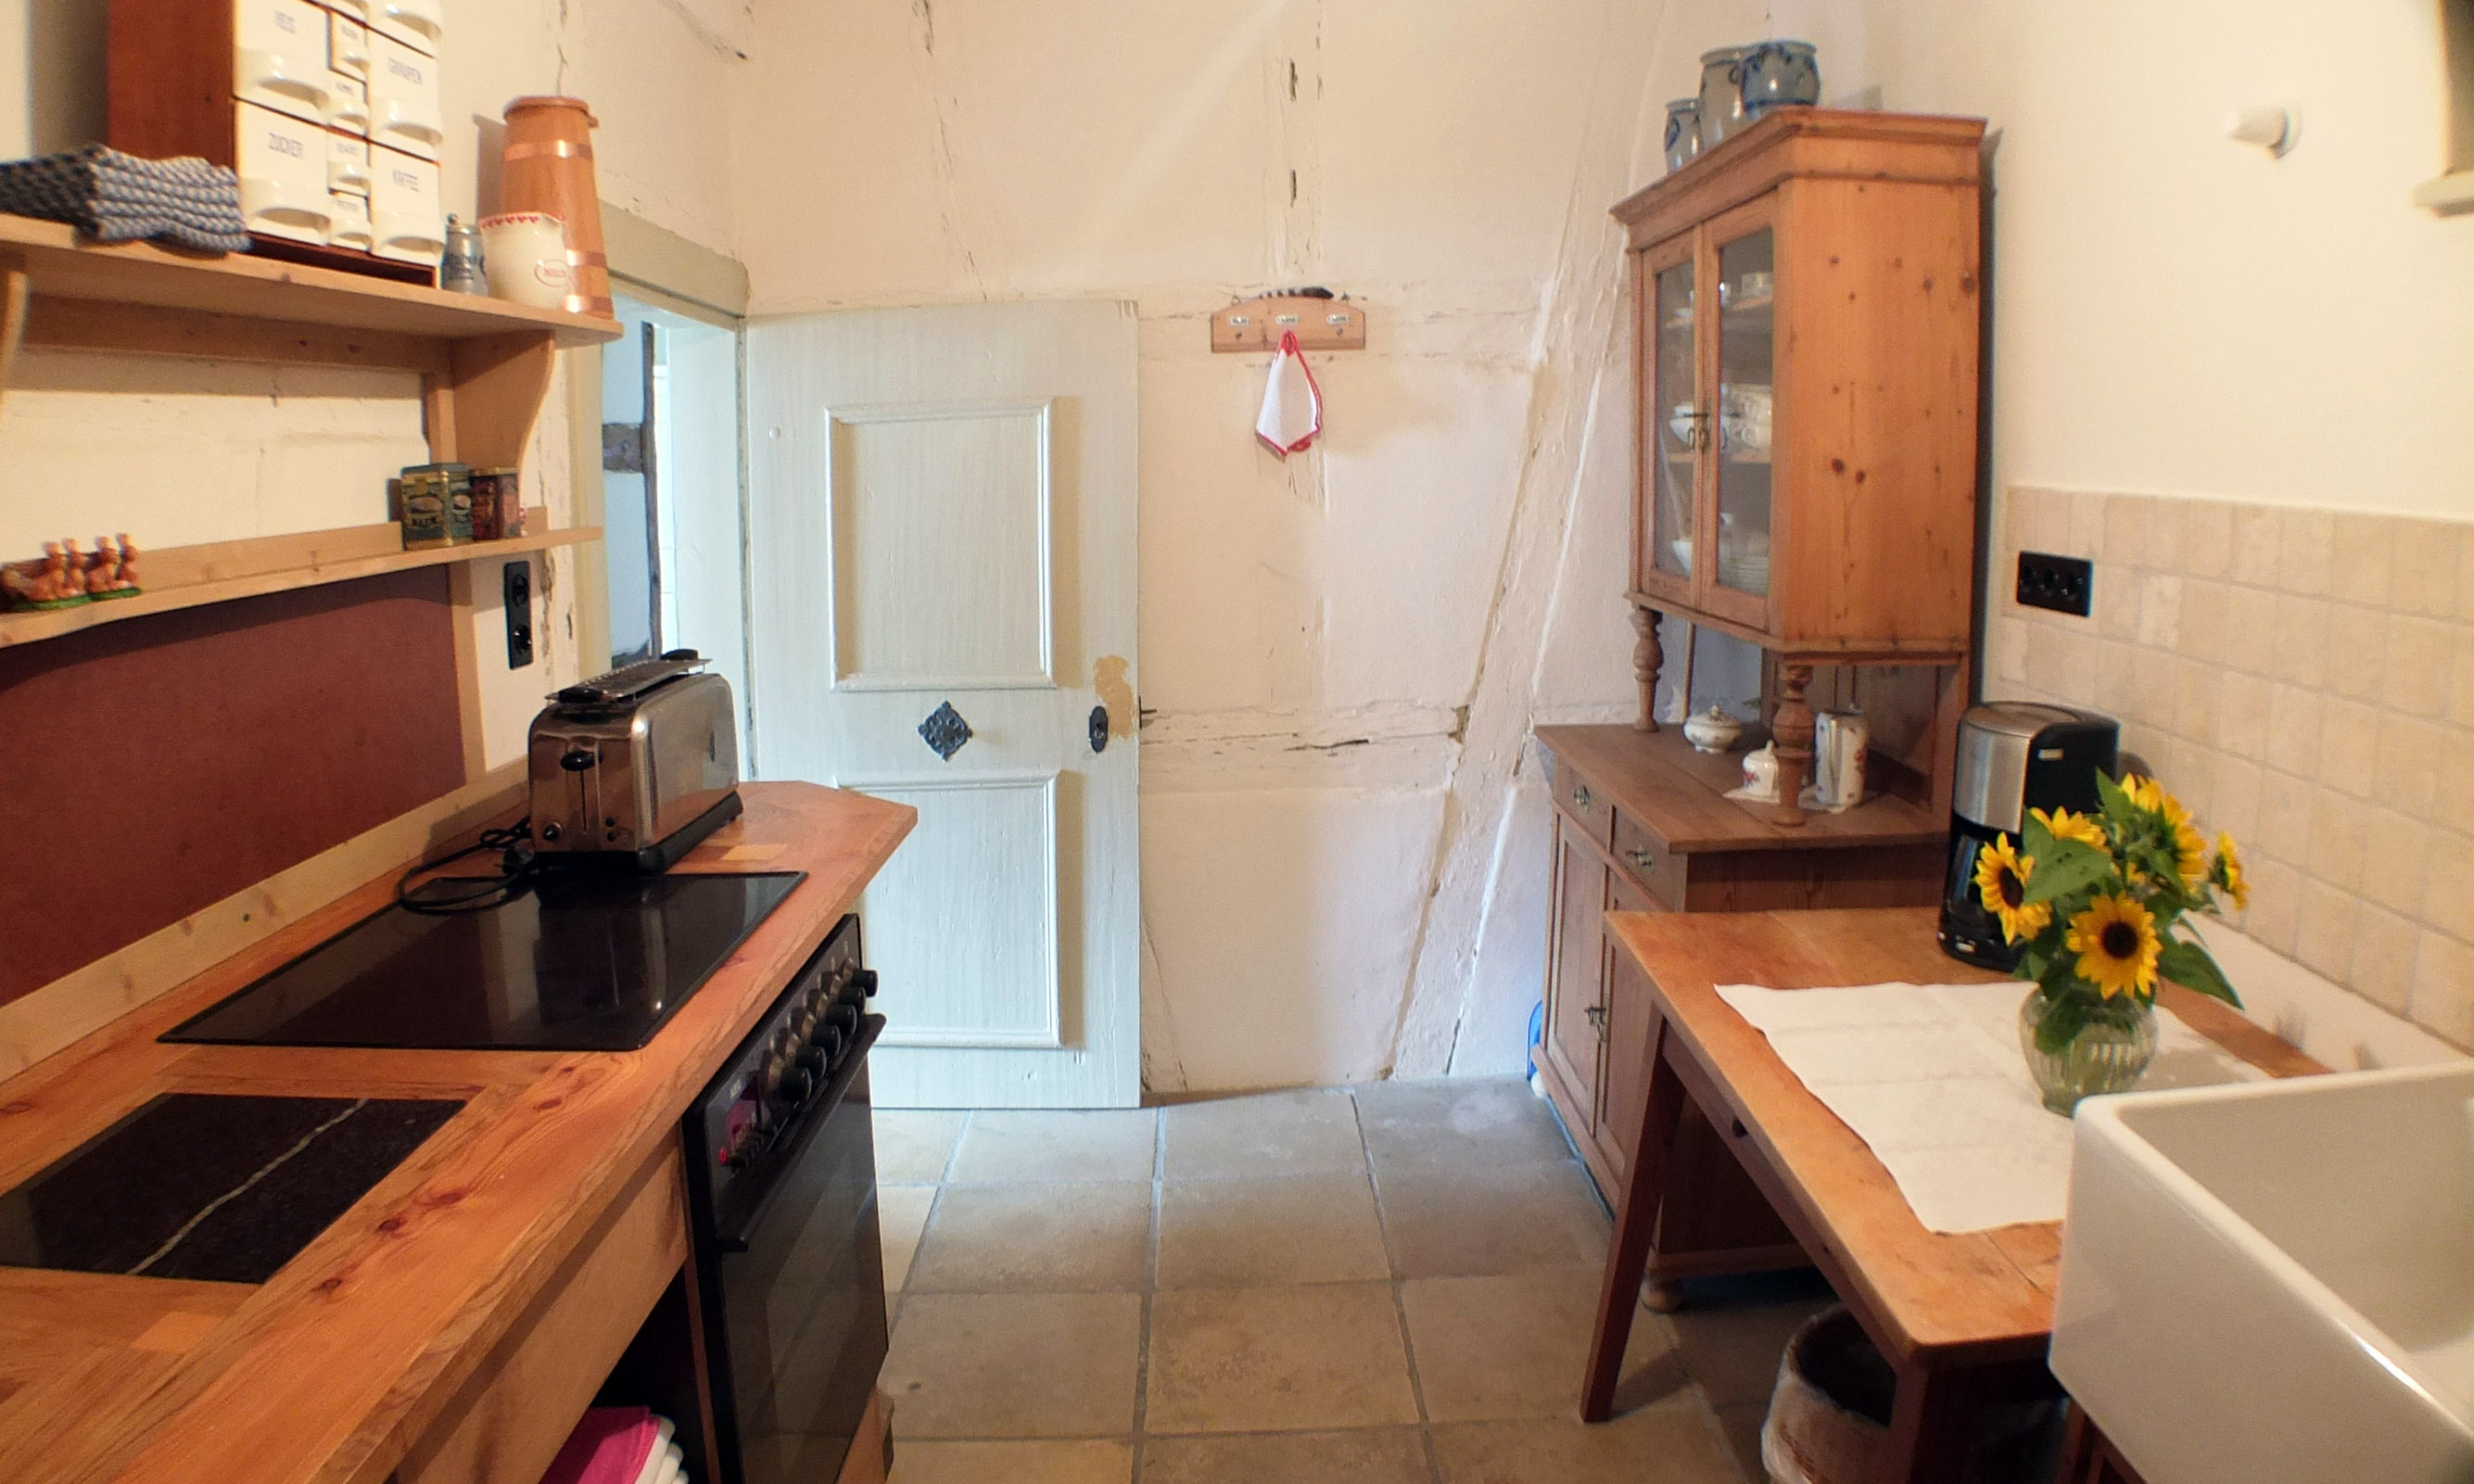 Die Küche wurde vom Schreiner für den Raum hergestellt.